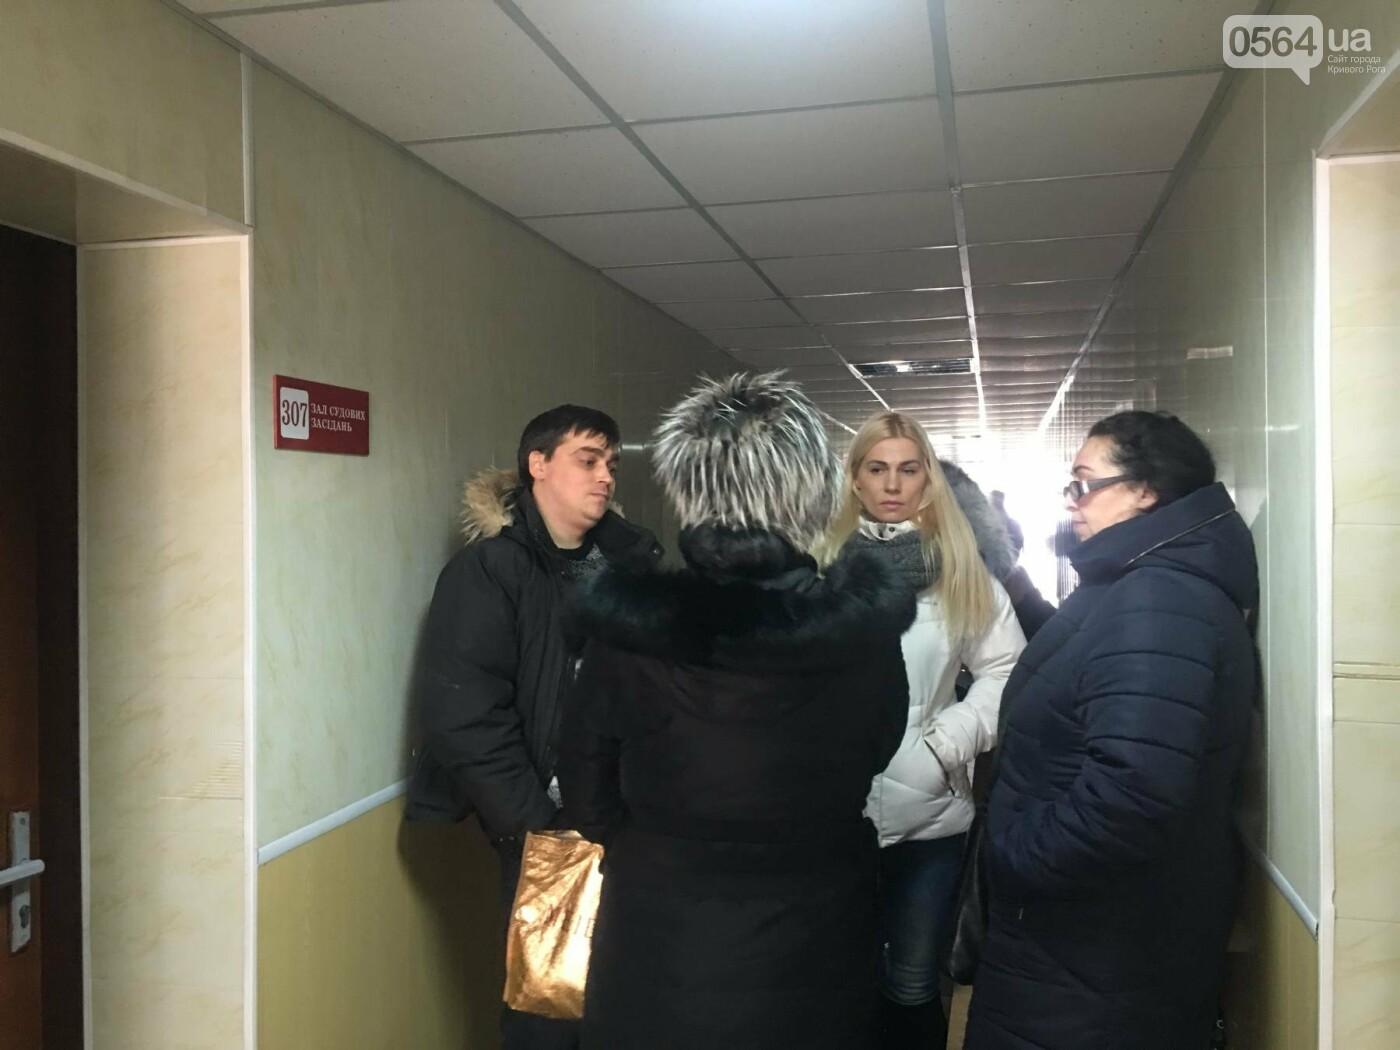 Активисты заявили о травле мамы и ее ребенка в криворожской школе (ФОТО), фото-7